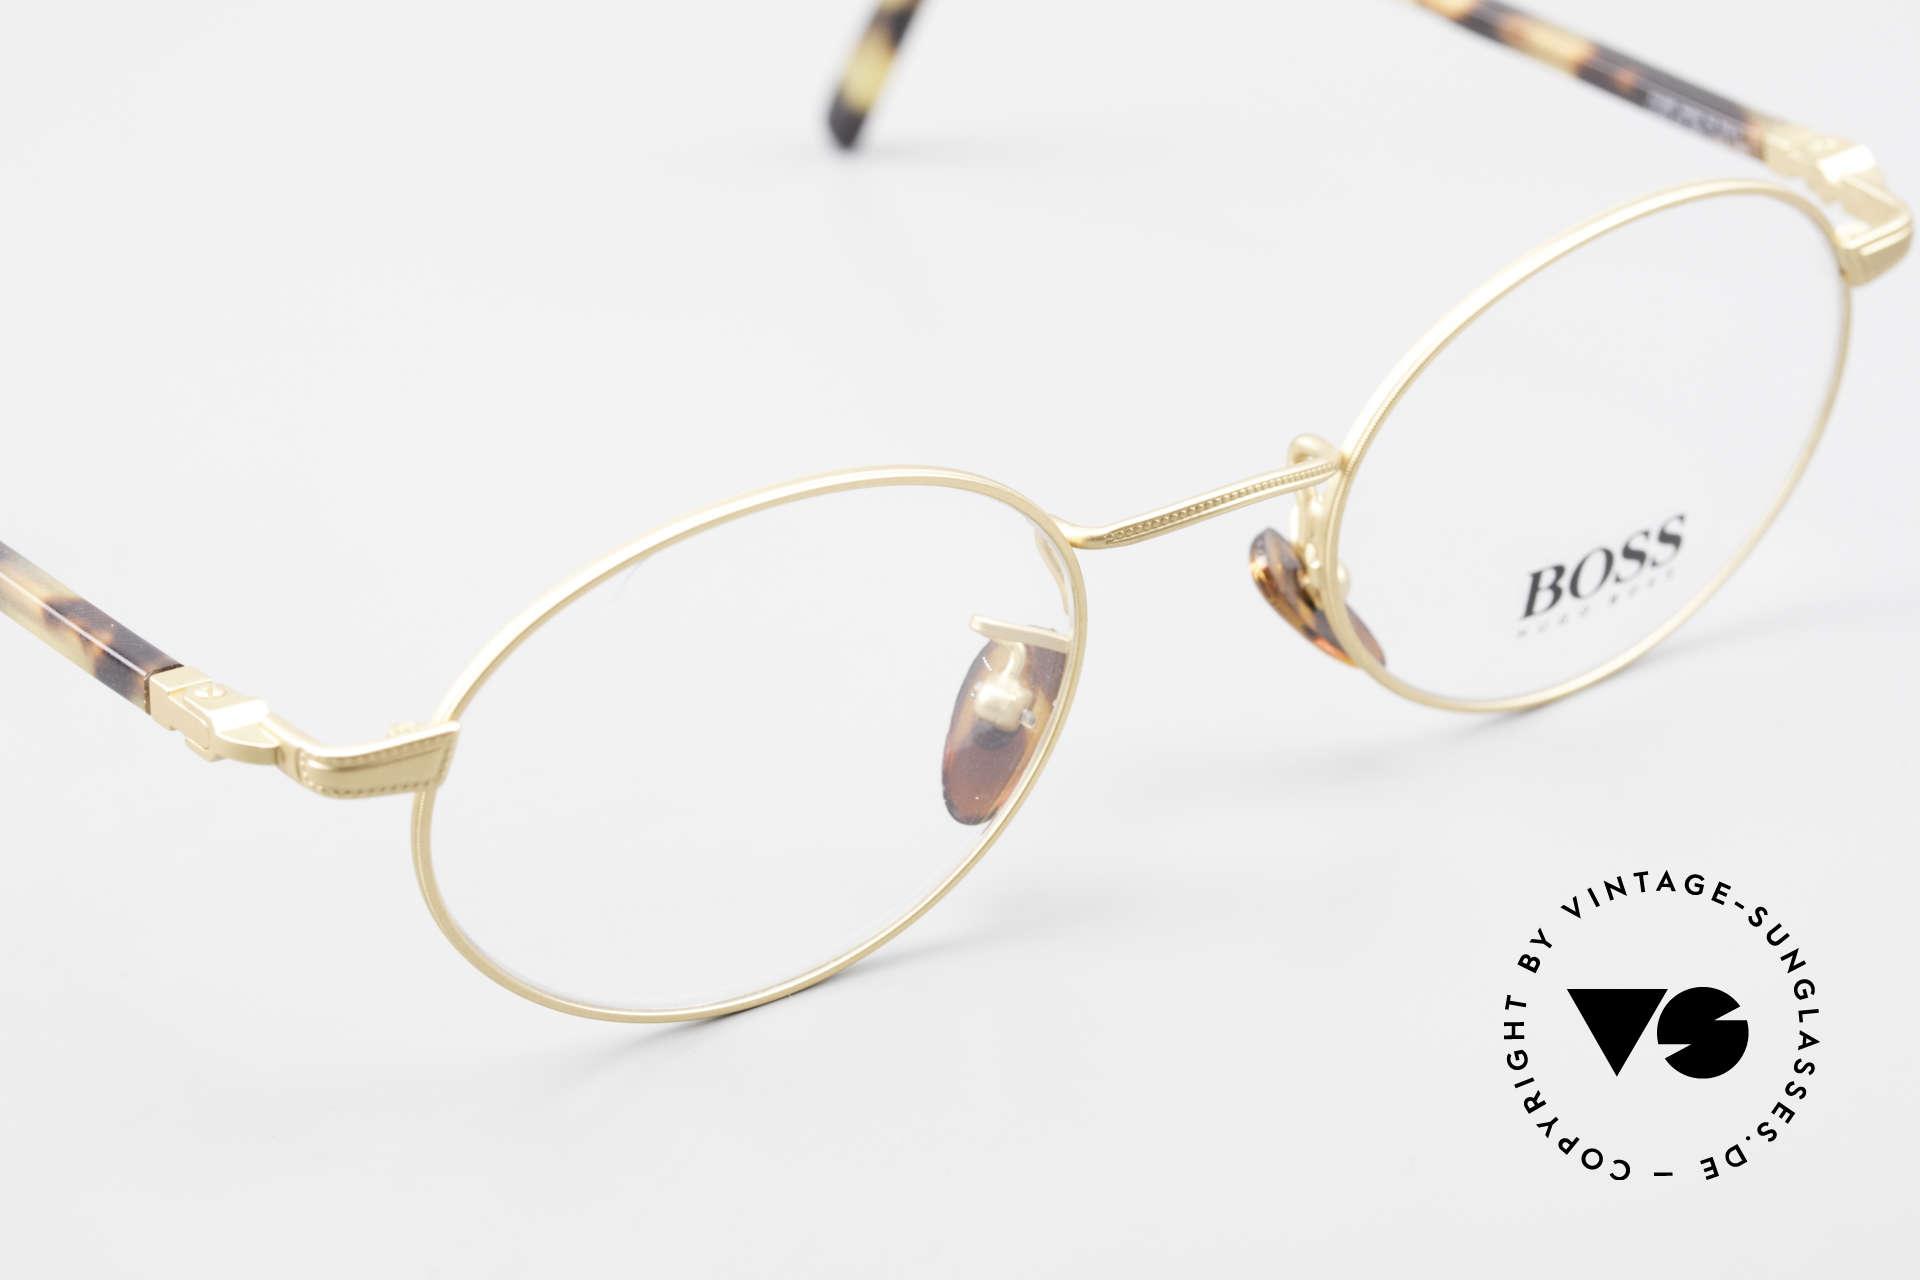 BOSS 5139 Ovale Panto Style Fassung, KEINE Retrobrille; sondern ein echter DesignKlassiker, Passend für Herren und Damen